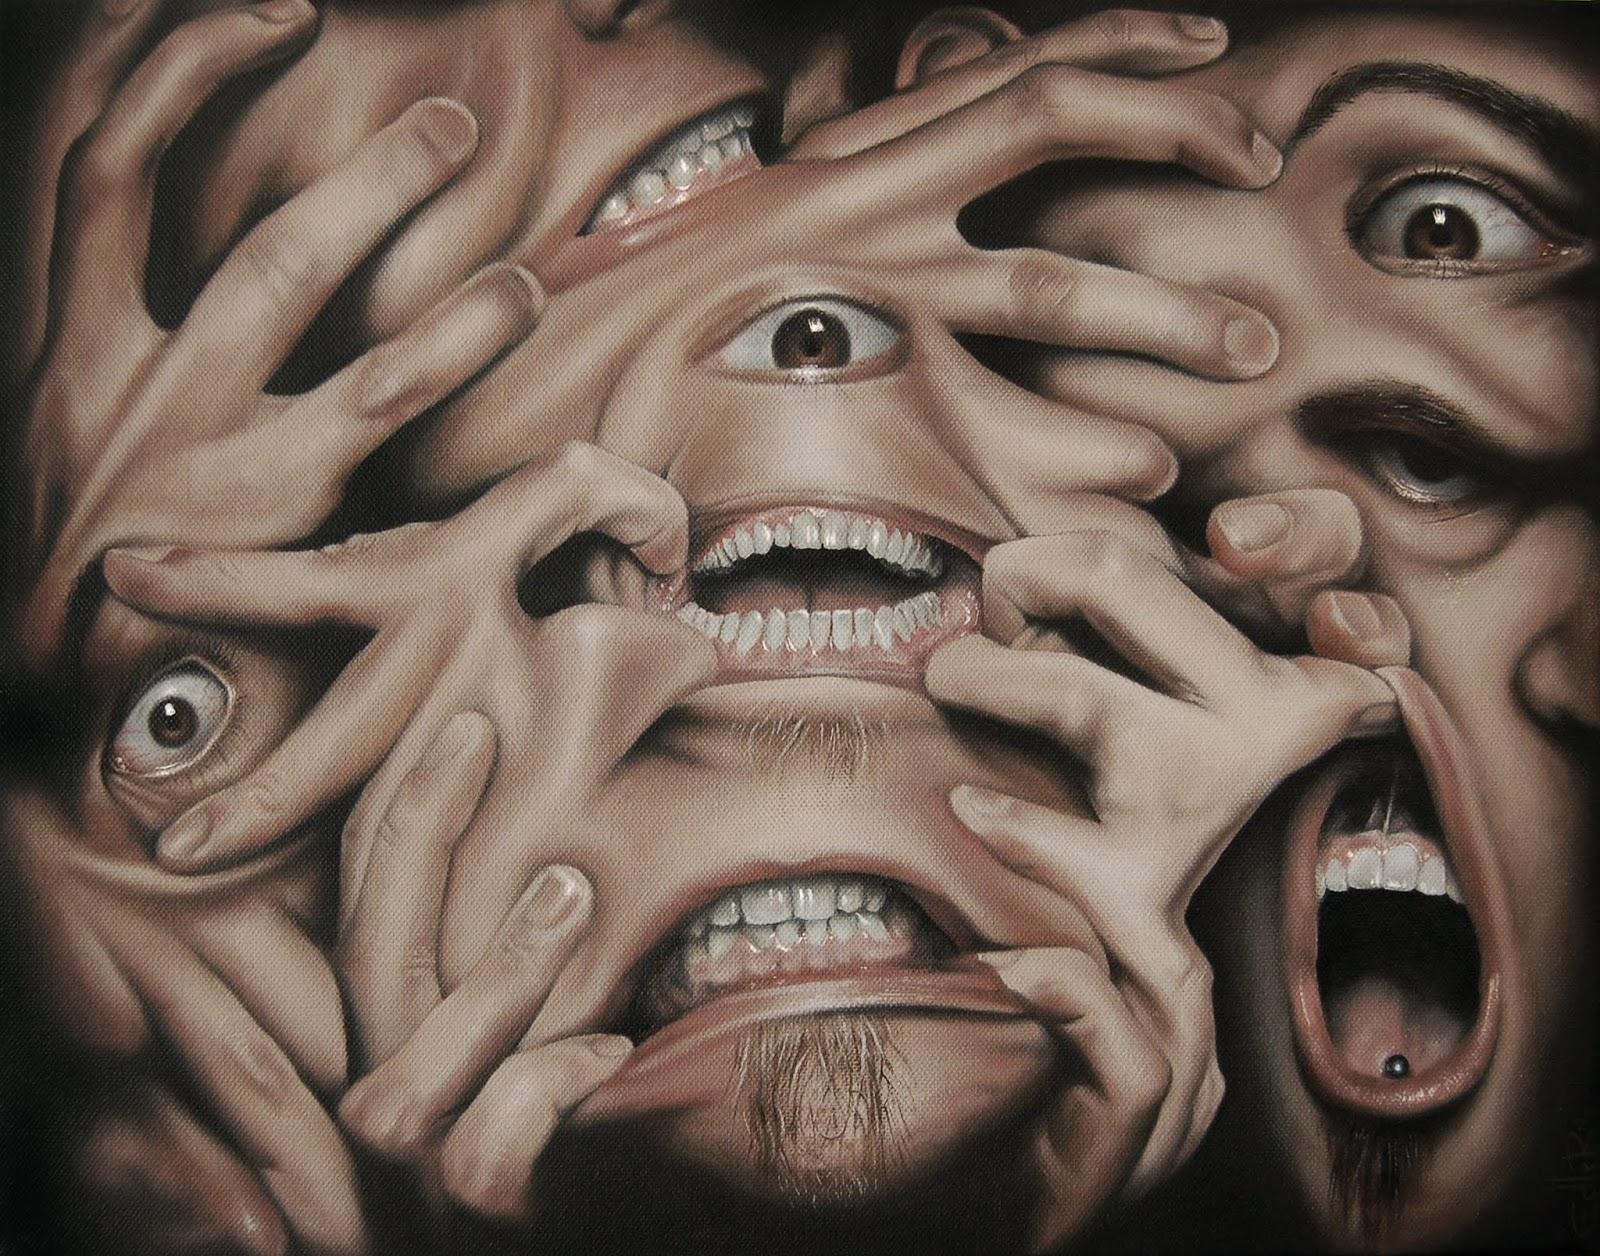 психиатрические расстройства в картинках руководства пользователей для